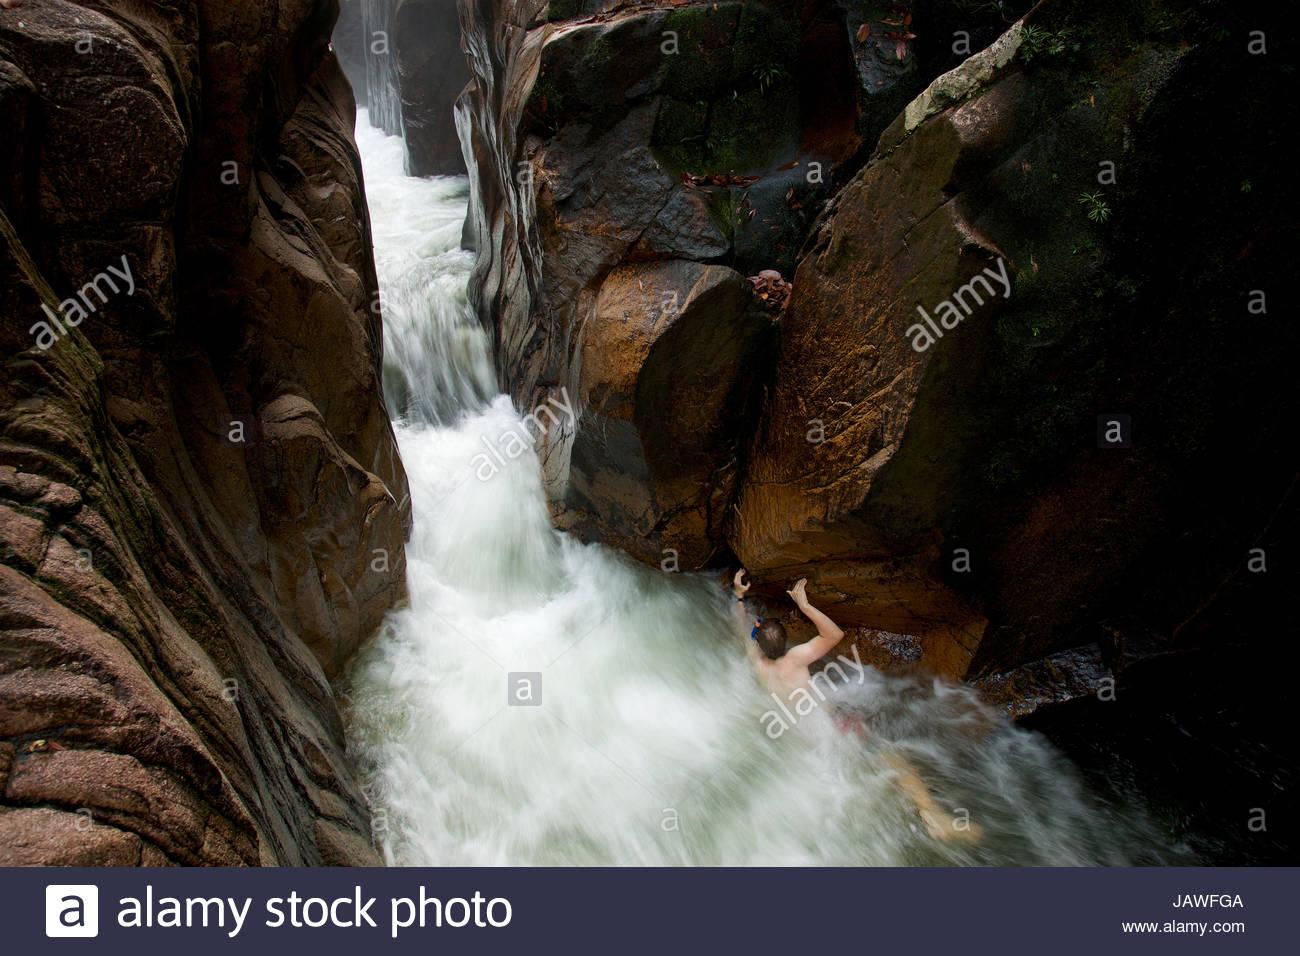 El agua brota a través Riam, o el canal Parit Falls, una inusual la ranura en la parte superior de la cascada Imagen De Stock